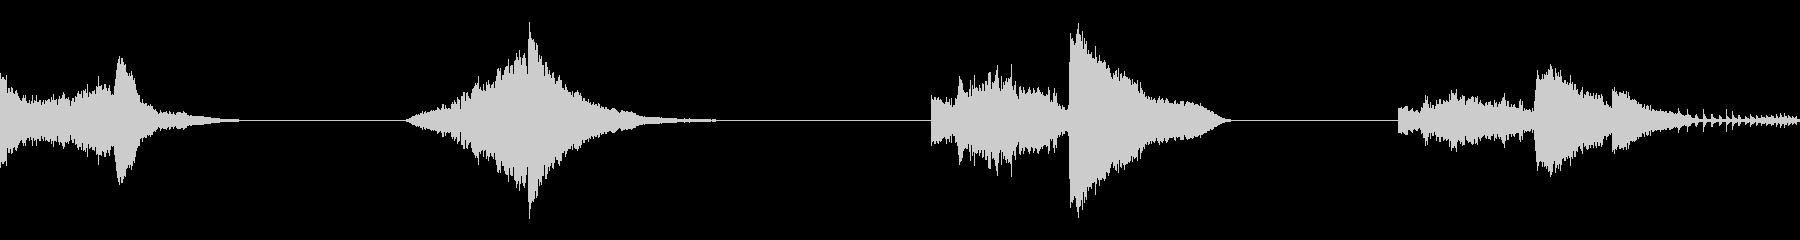 カートン、ホイッスル+ヒット、ロン...の未再生の波形